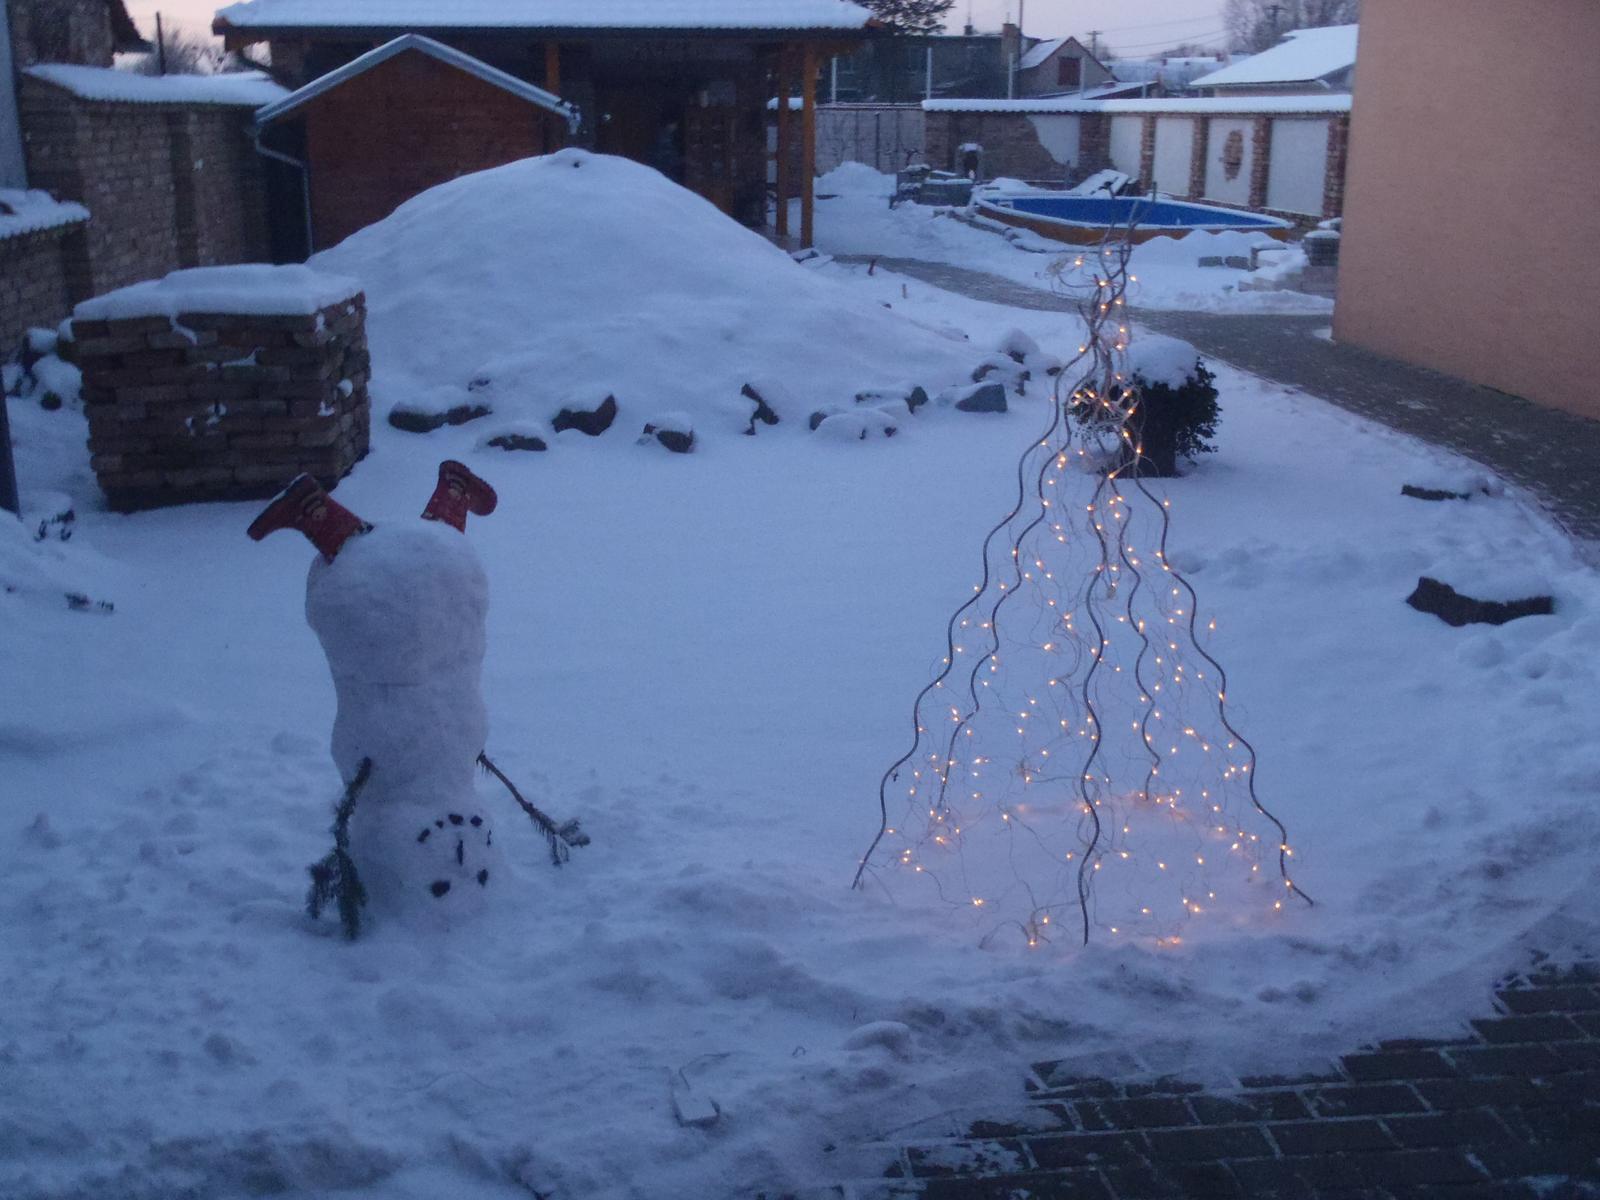 Vánoce 2012 - vánoční stromek na dvoře...je z tyček na rajčata a světýlek :-)